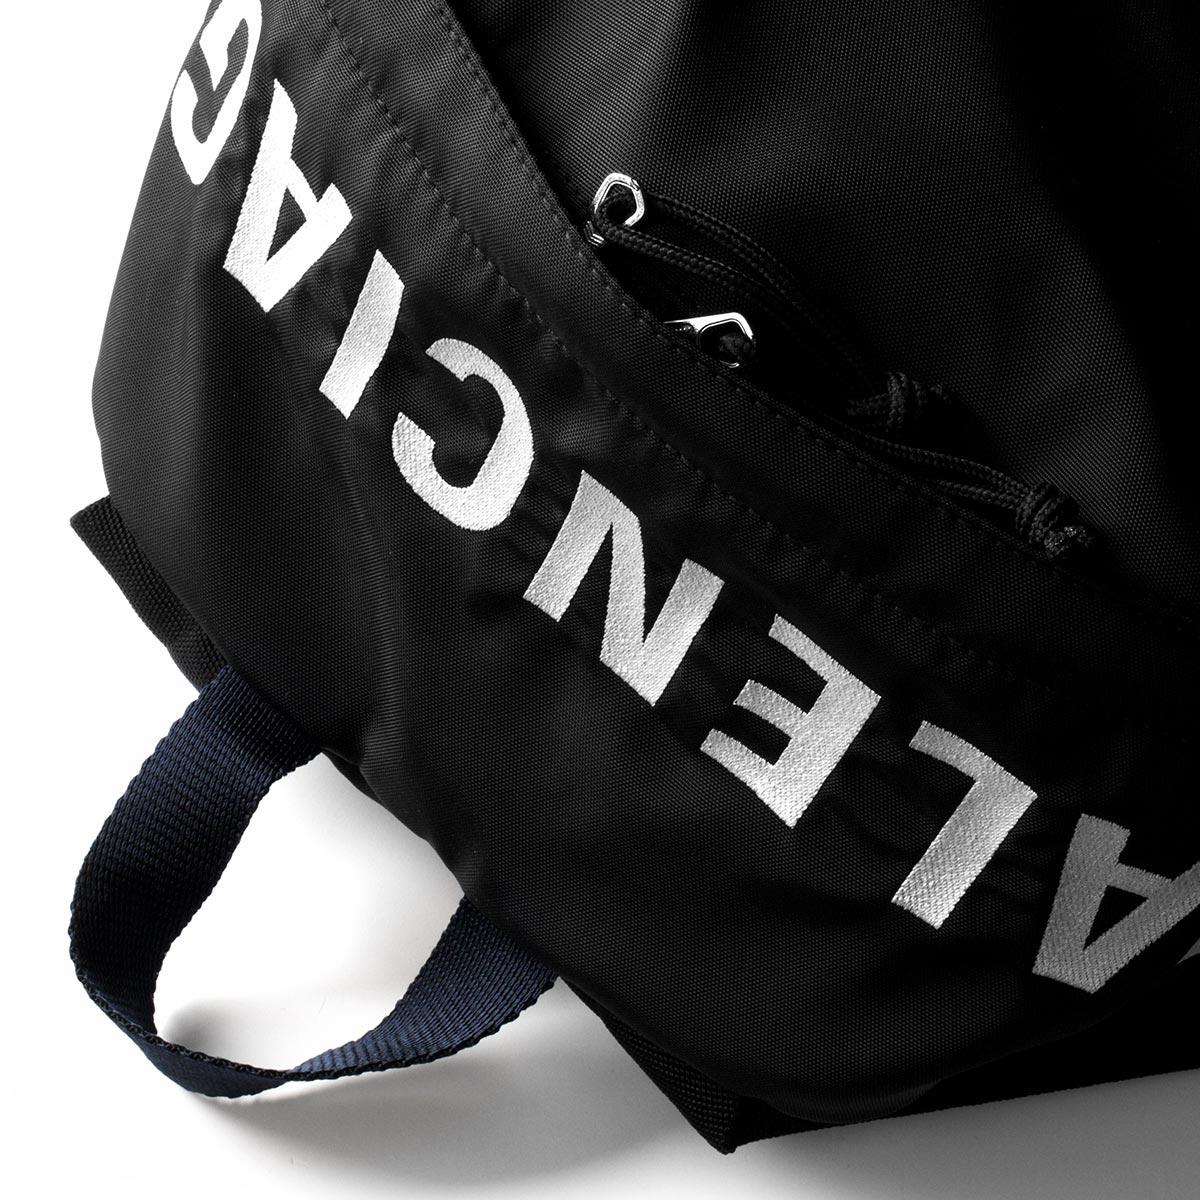 【1,000円OFFクーポン対象】バレンシアガ リュックサック/バックパック バッグ メンズ レディース ホイール ブラック 525162 9F91X 1090 BALENCIAGA